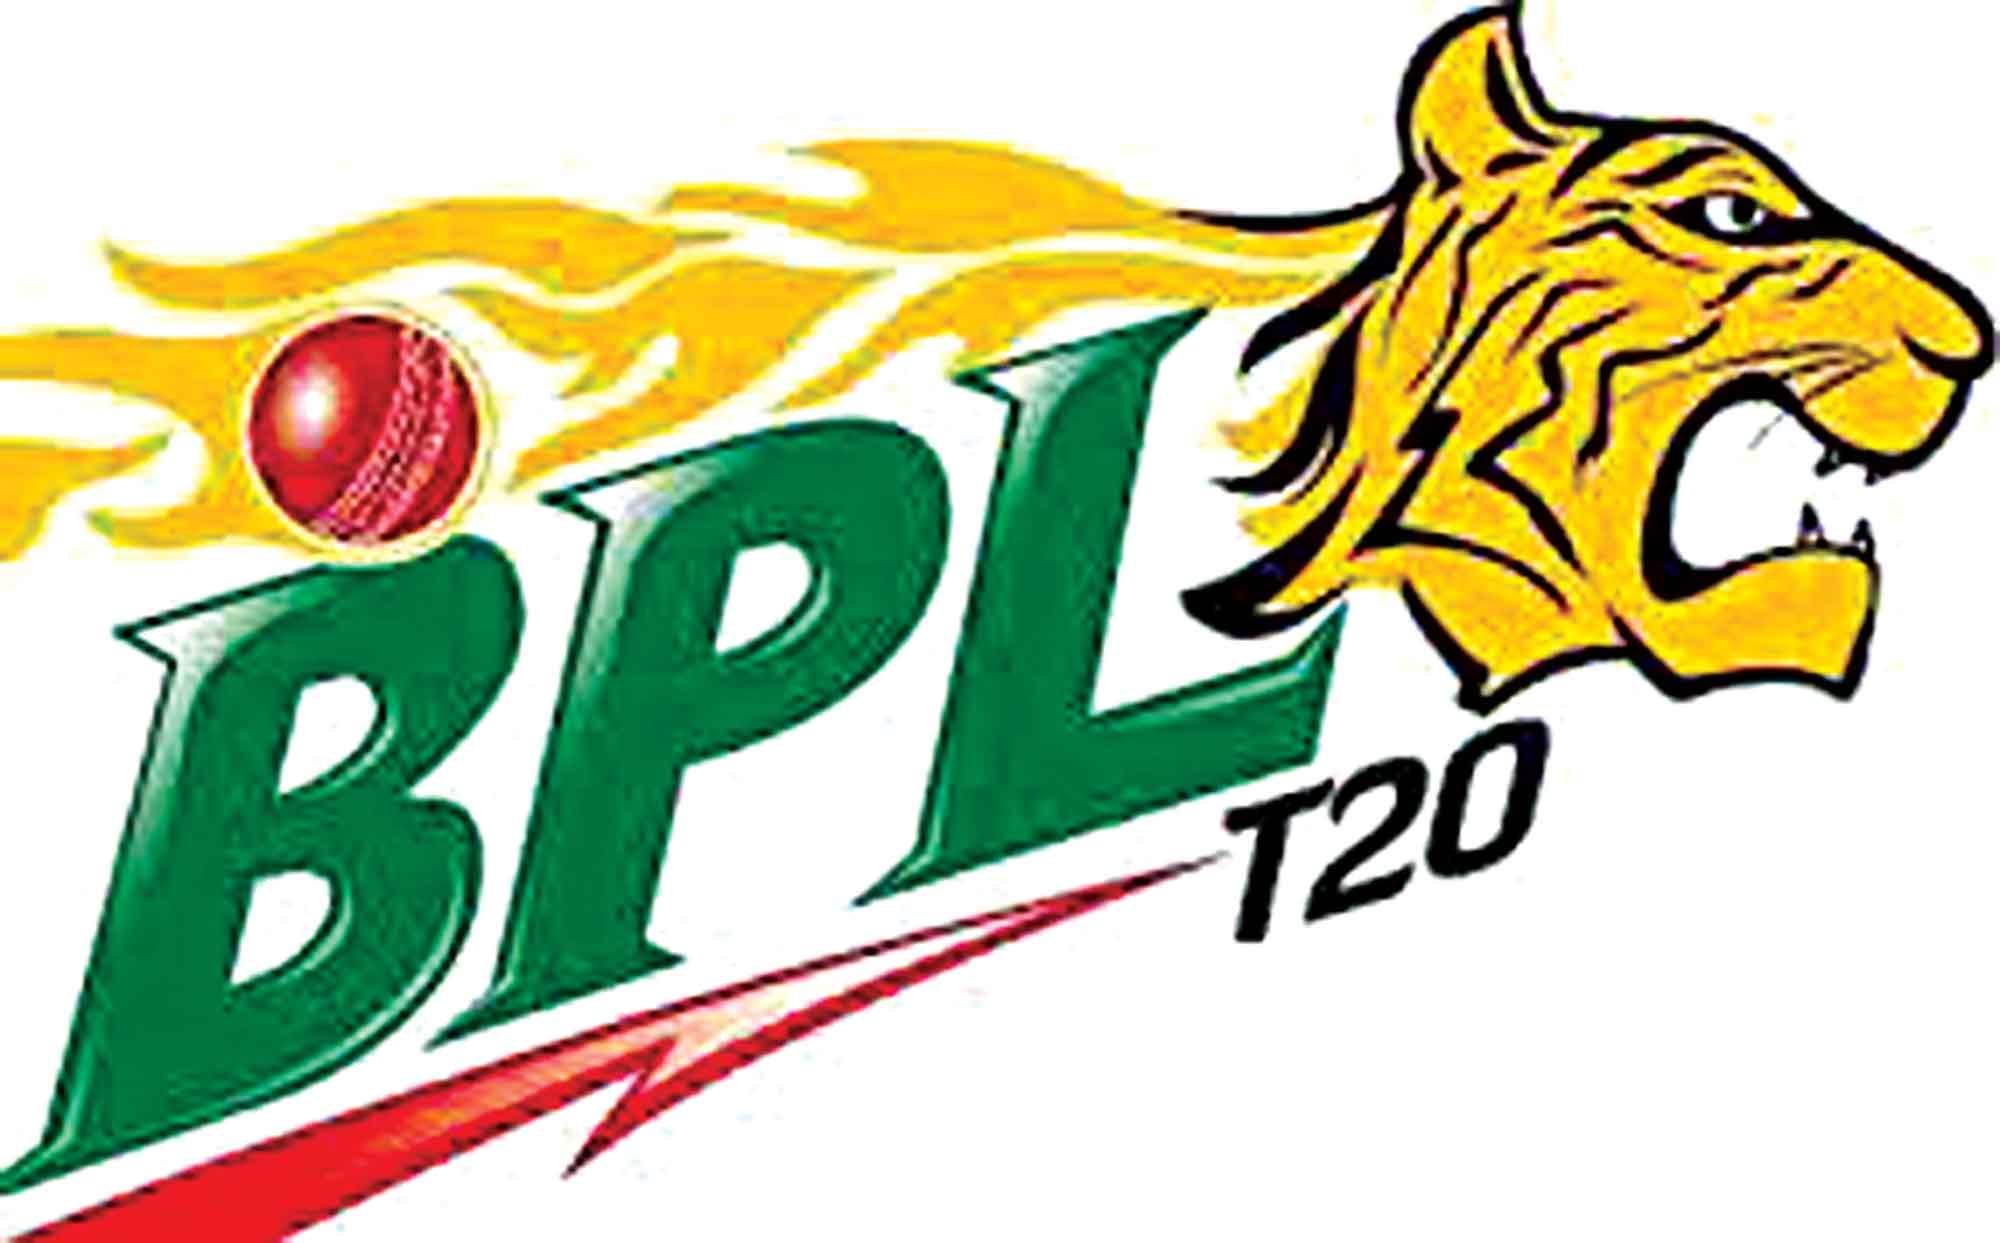 Bangladesh Premier League (BPL 2015) এর কোন দলে কোন Player খেলতেছে,  কবে কোন খেলা, All Fixtures Venue সব জেনে নিন এক পলকেই একটি Android Apps এর মাধ্যমে।